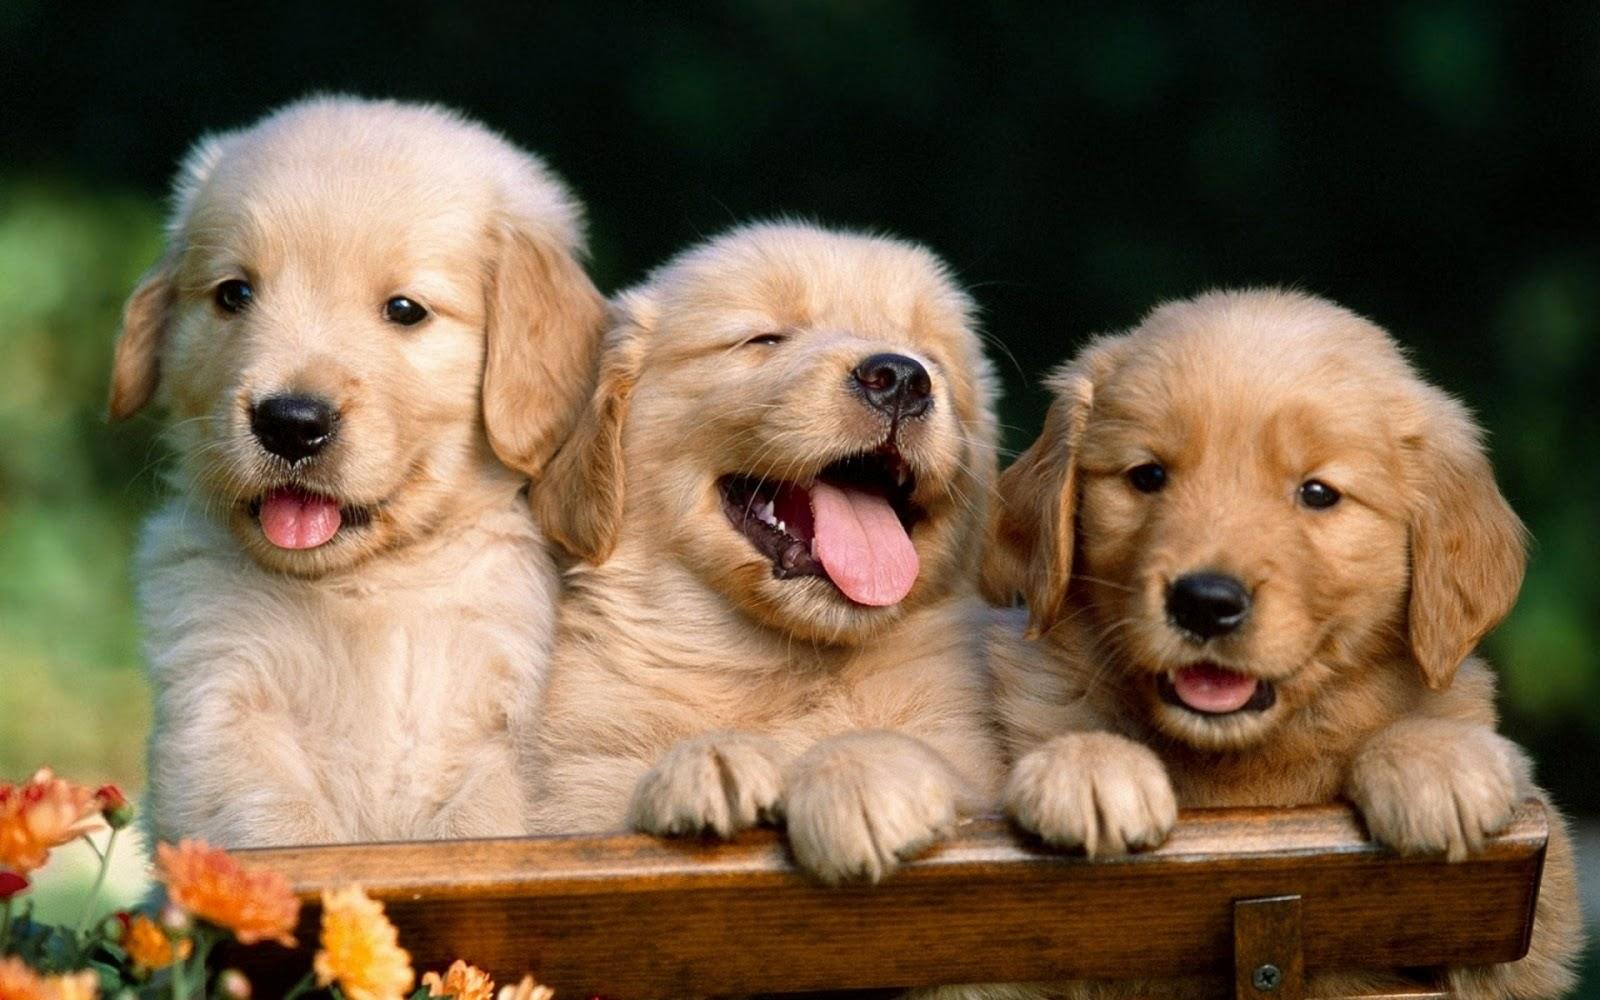 http://4.bp.blogspot.com/_RAlP3BmEW1Q/TQOSisQ88pI/AAAAAAAABoY/MJwMej1LMCI/s1600/Honden-achtergronden-honden-wallpapers-90.jpg